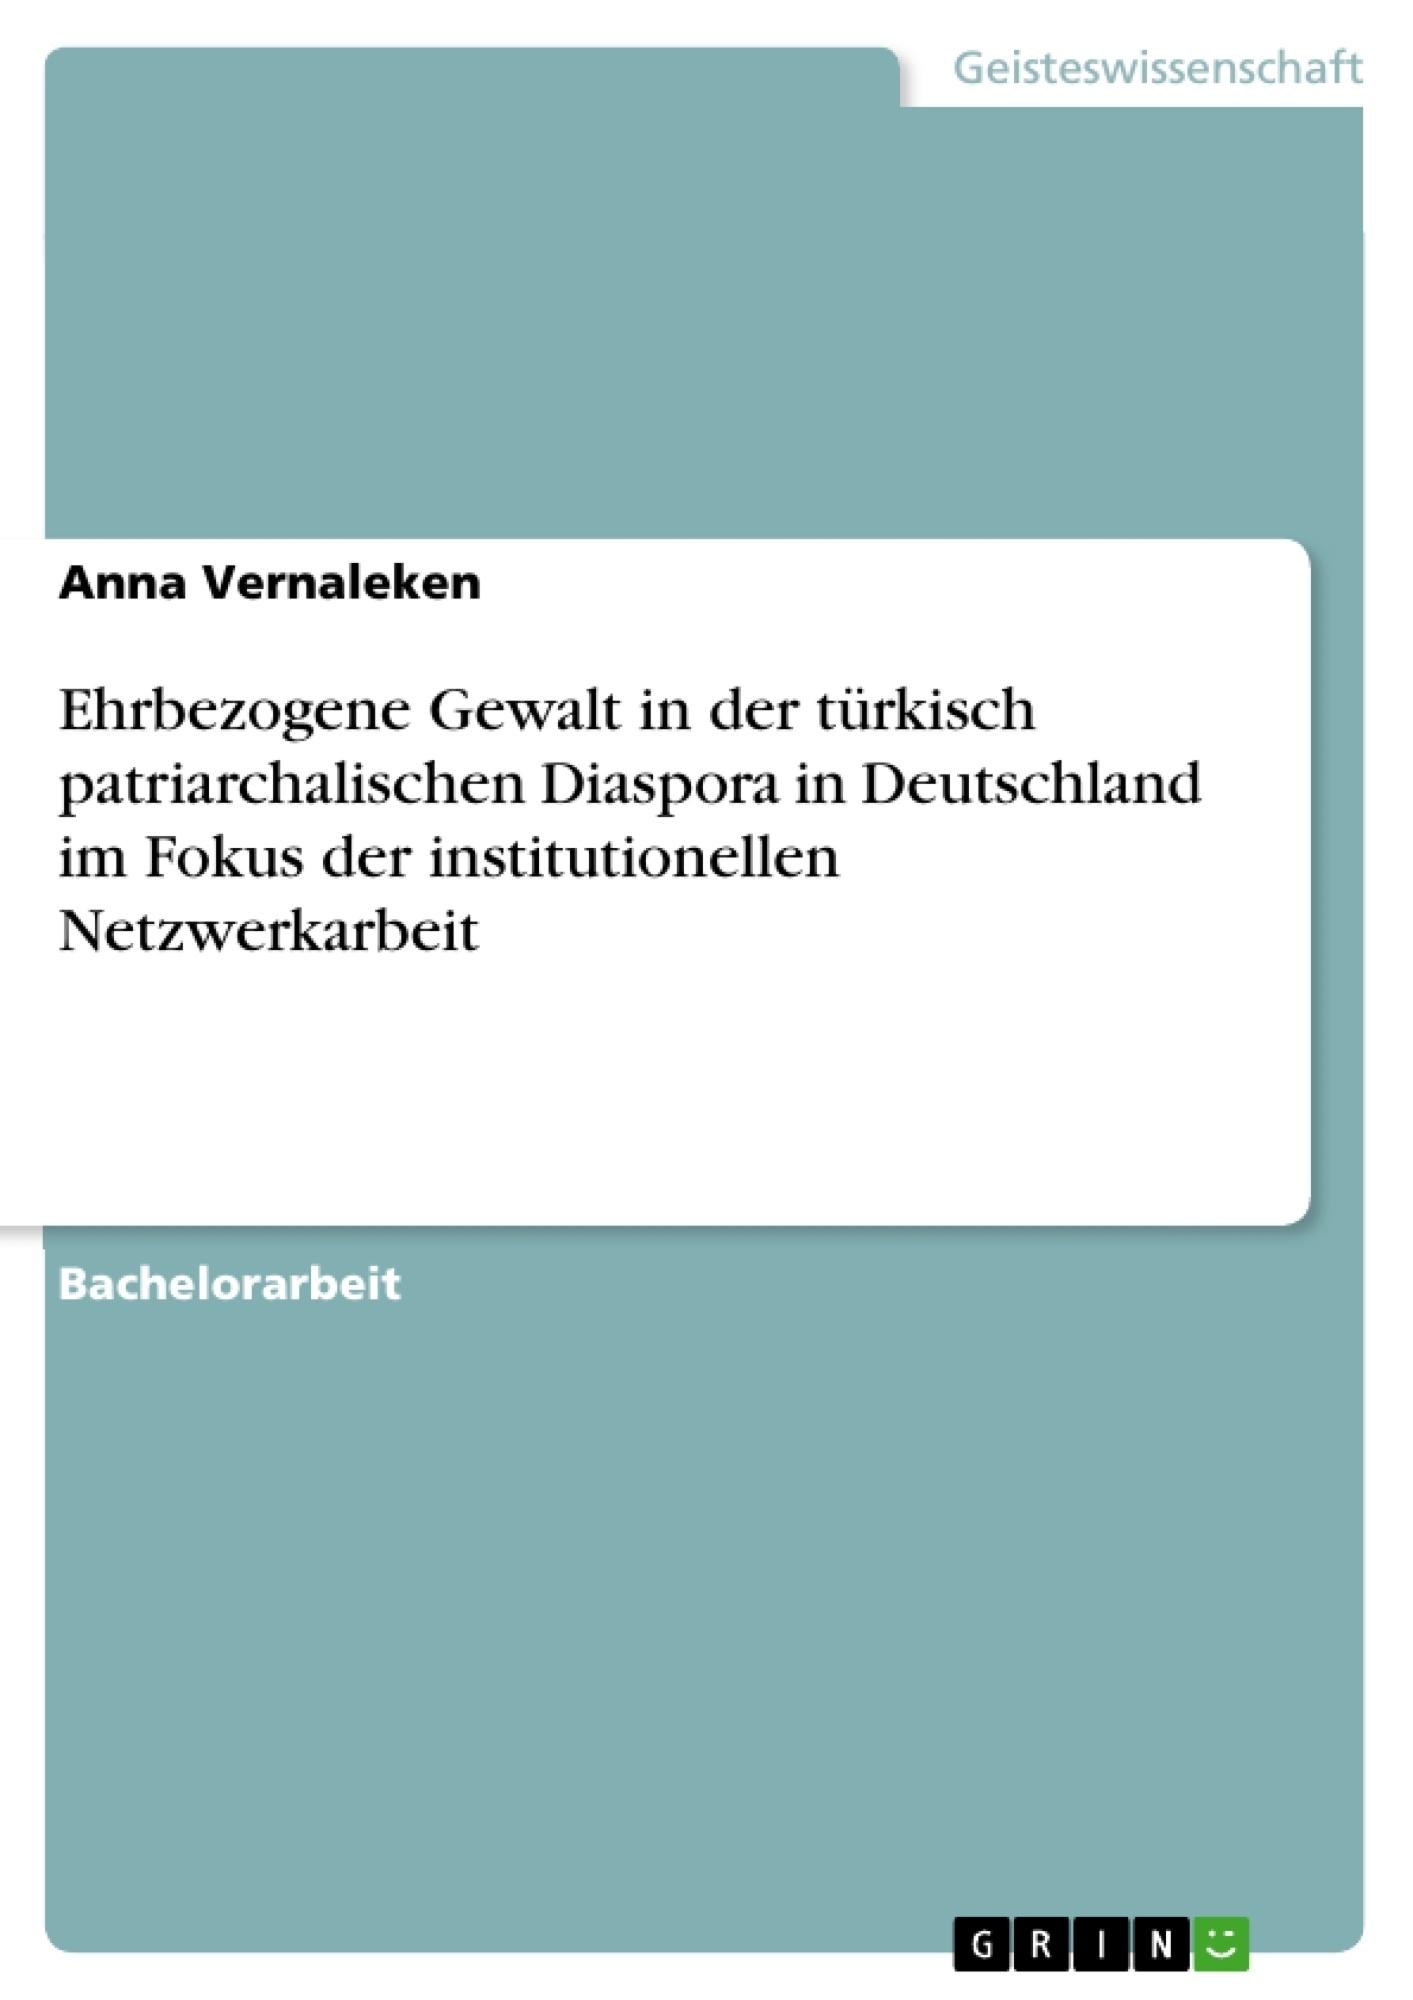 Titel: Ehrbezogene Gewalt in der türkisch patriarchalischen Diaspora in Deutschland im Fokus der institutionellen Netzwerkarbeit